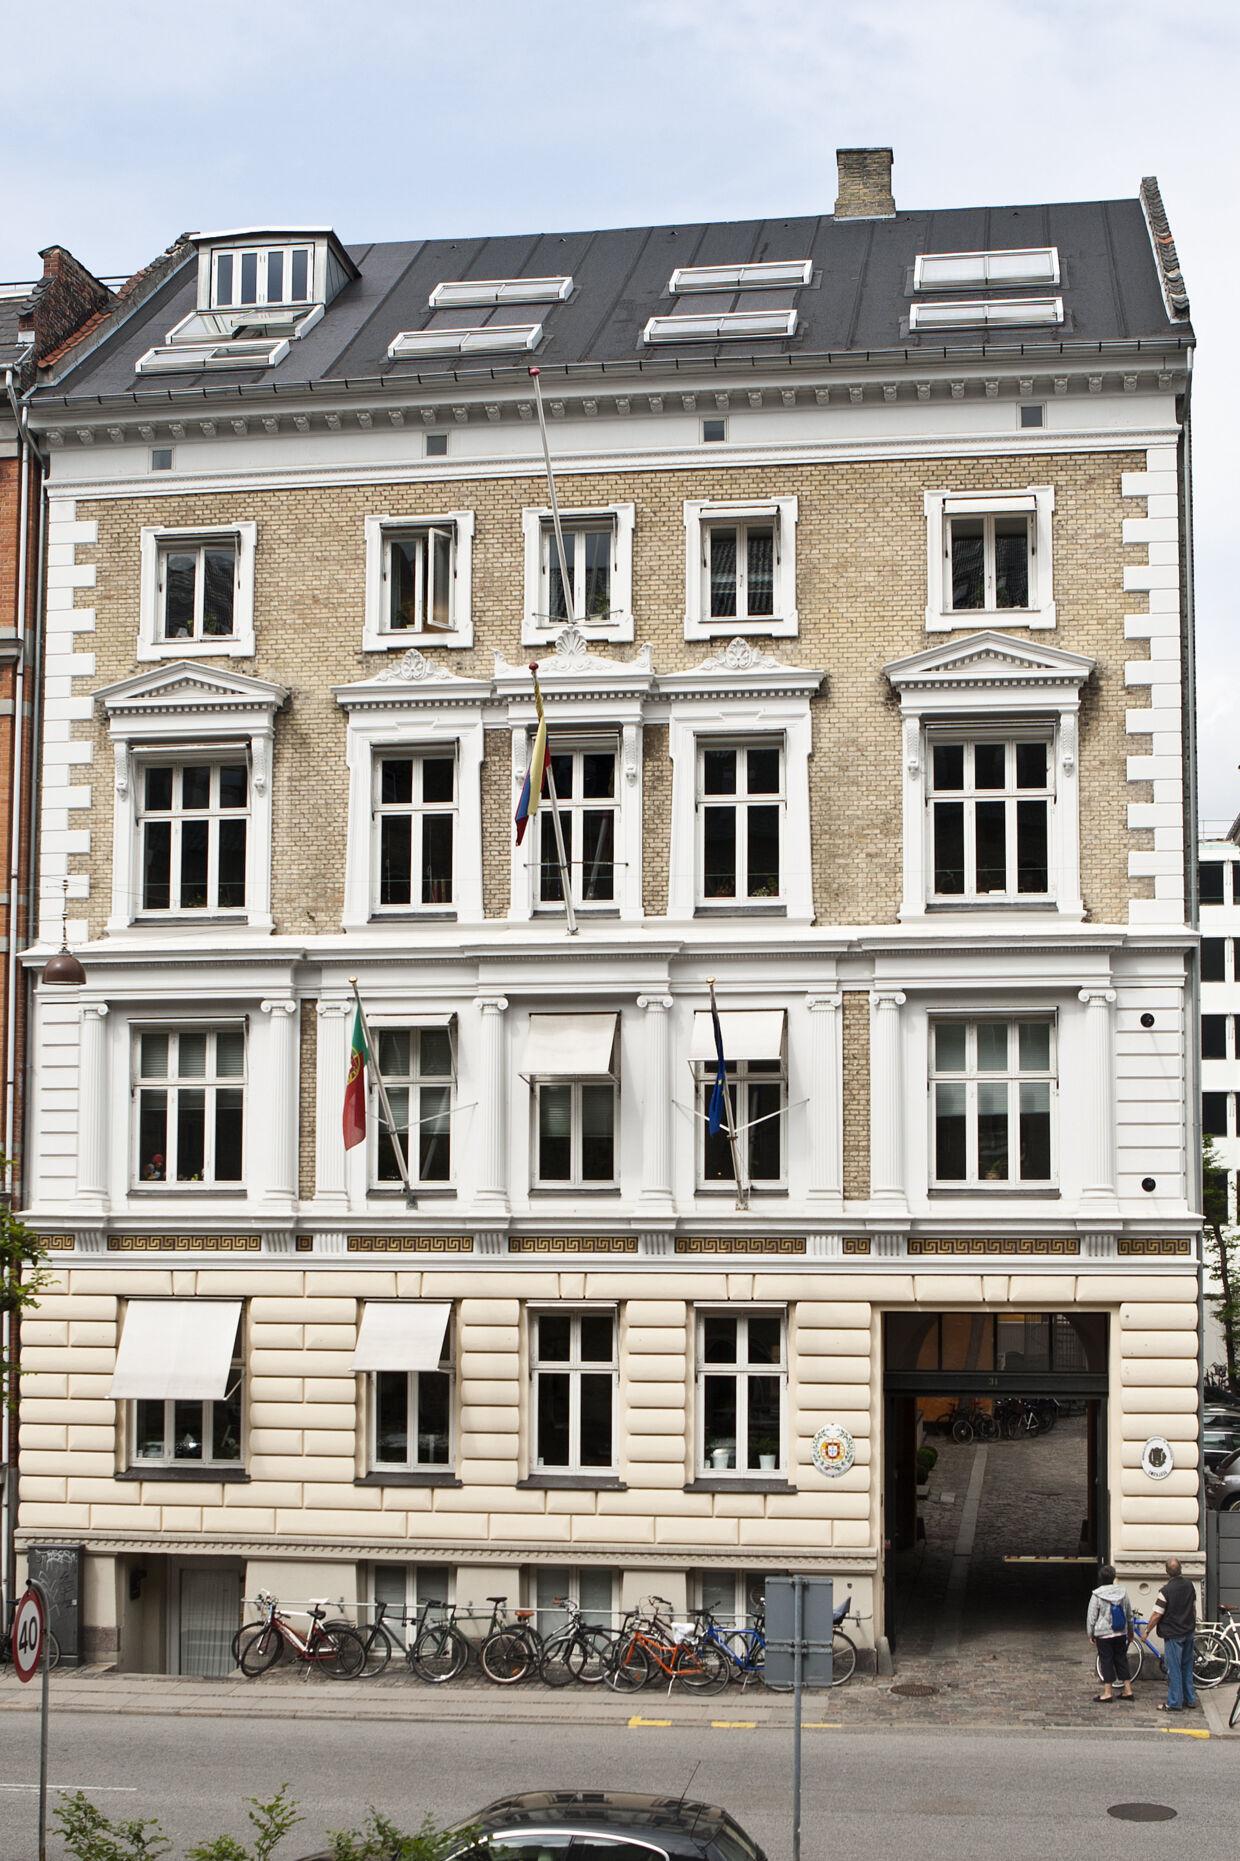 KLIK FOR AT FORSTØRRE: Toldbodgade 31, som ikke ligger langt fra dronning Margrethe og kronprins Ferderiks hjem på Amalienborg, hører også til i Bent Fabricius-Bjerres ejendomskartotek. Foto: Bjarke Bo Poulsen.